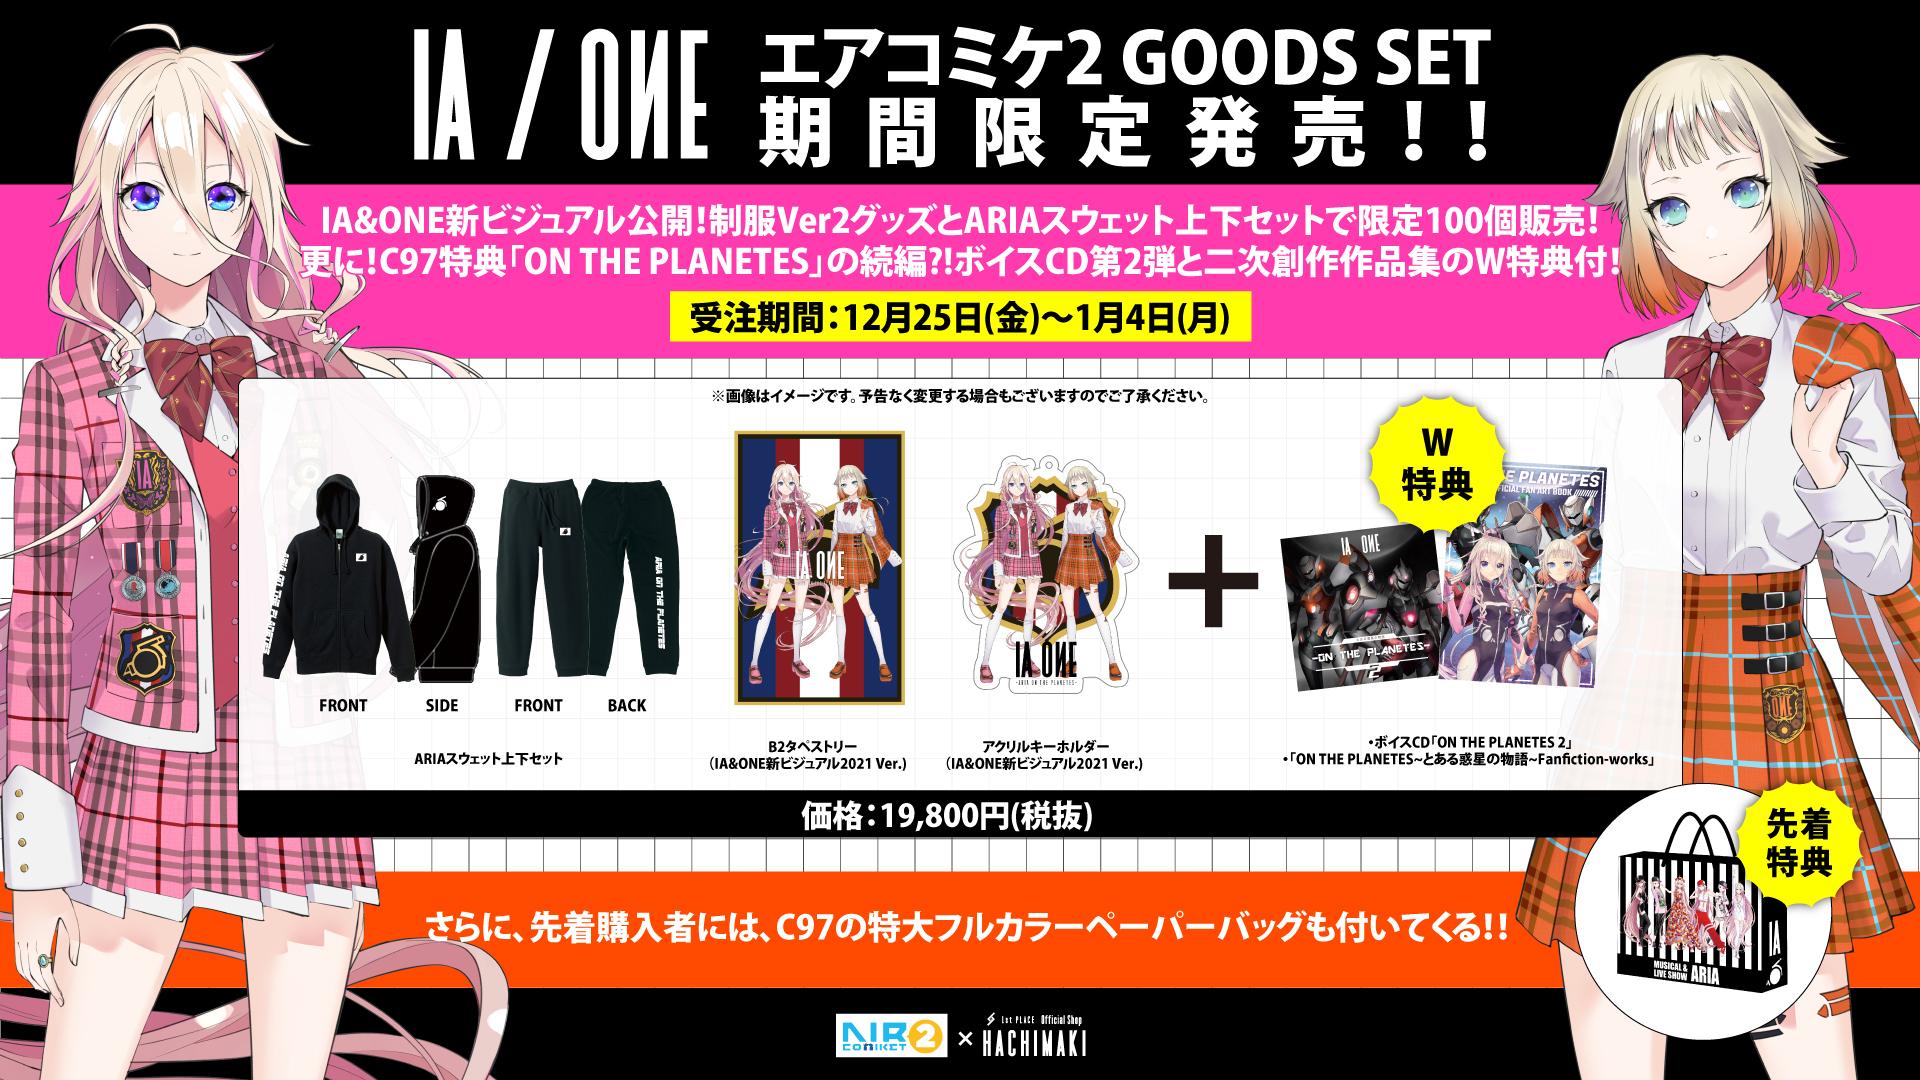 【エアコミケ2情報!IA&ONE】 IAとONEの最新ビジュアルによるグッズセットが本日よりHACHIMAKI限定で販売開始!